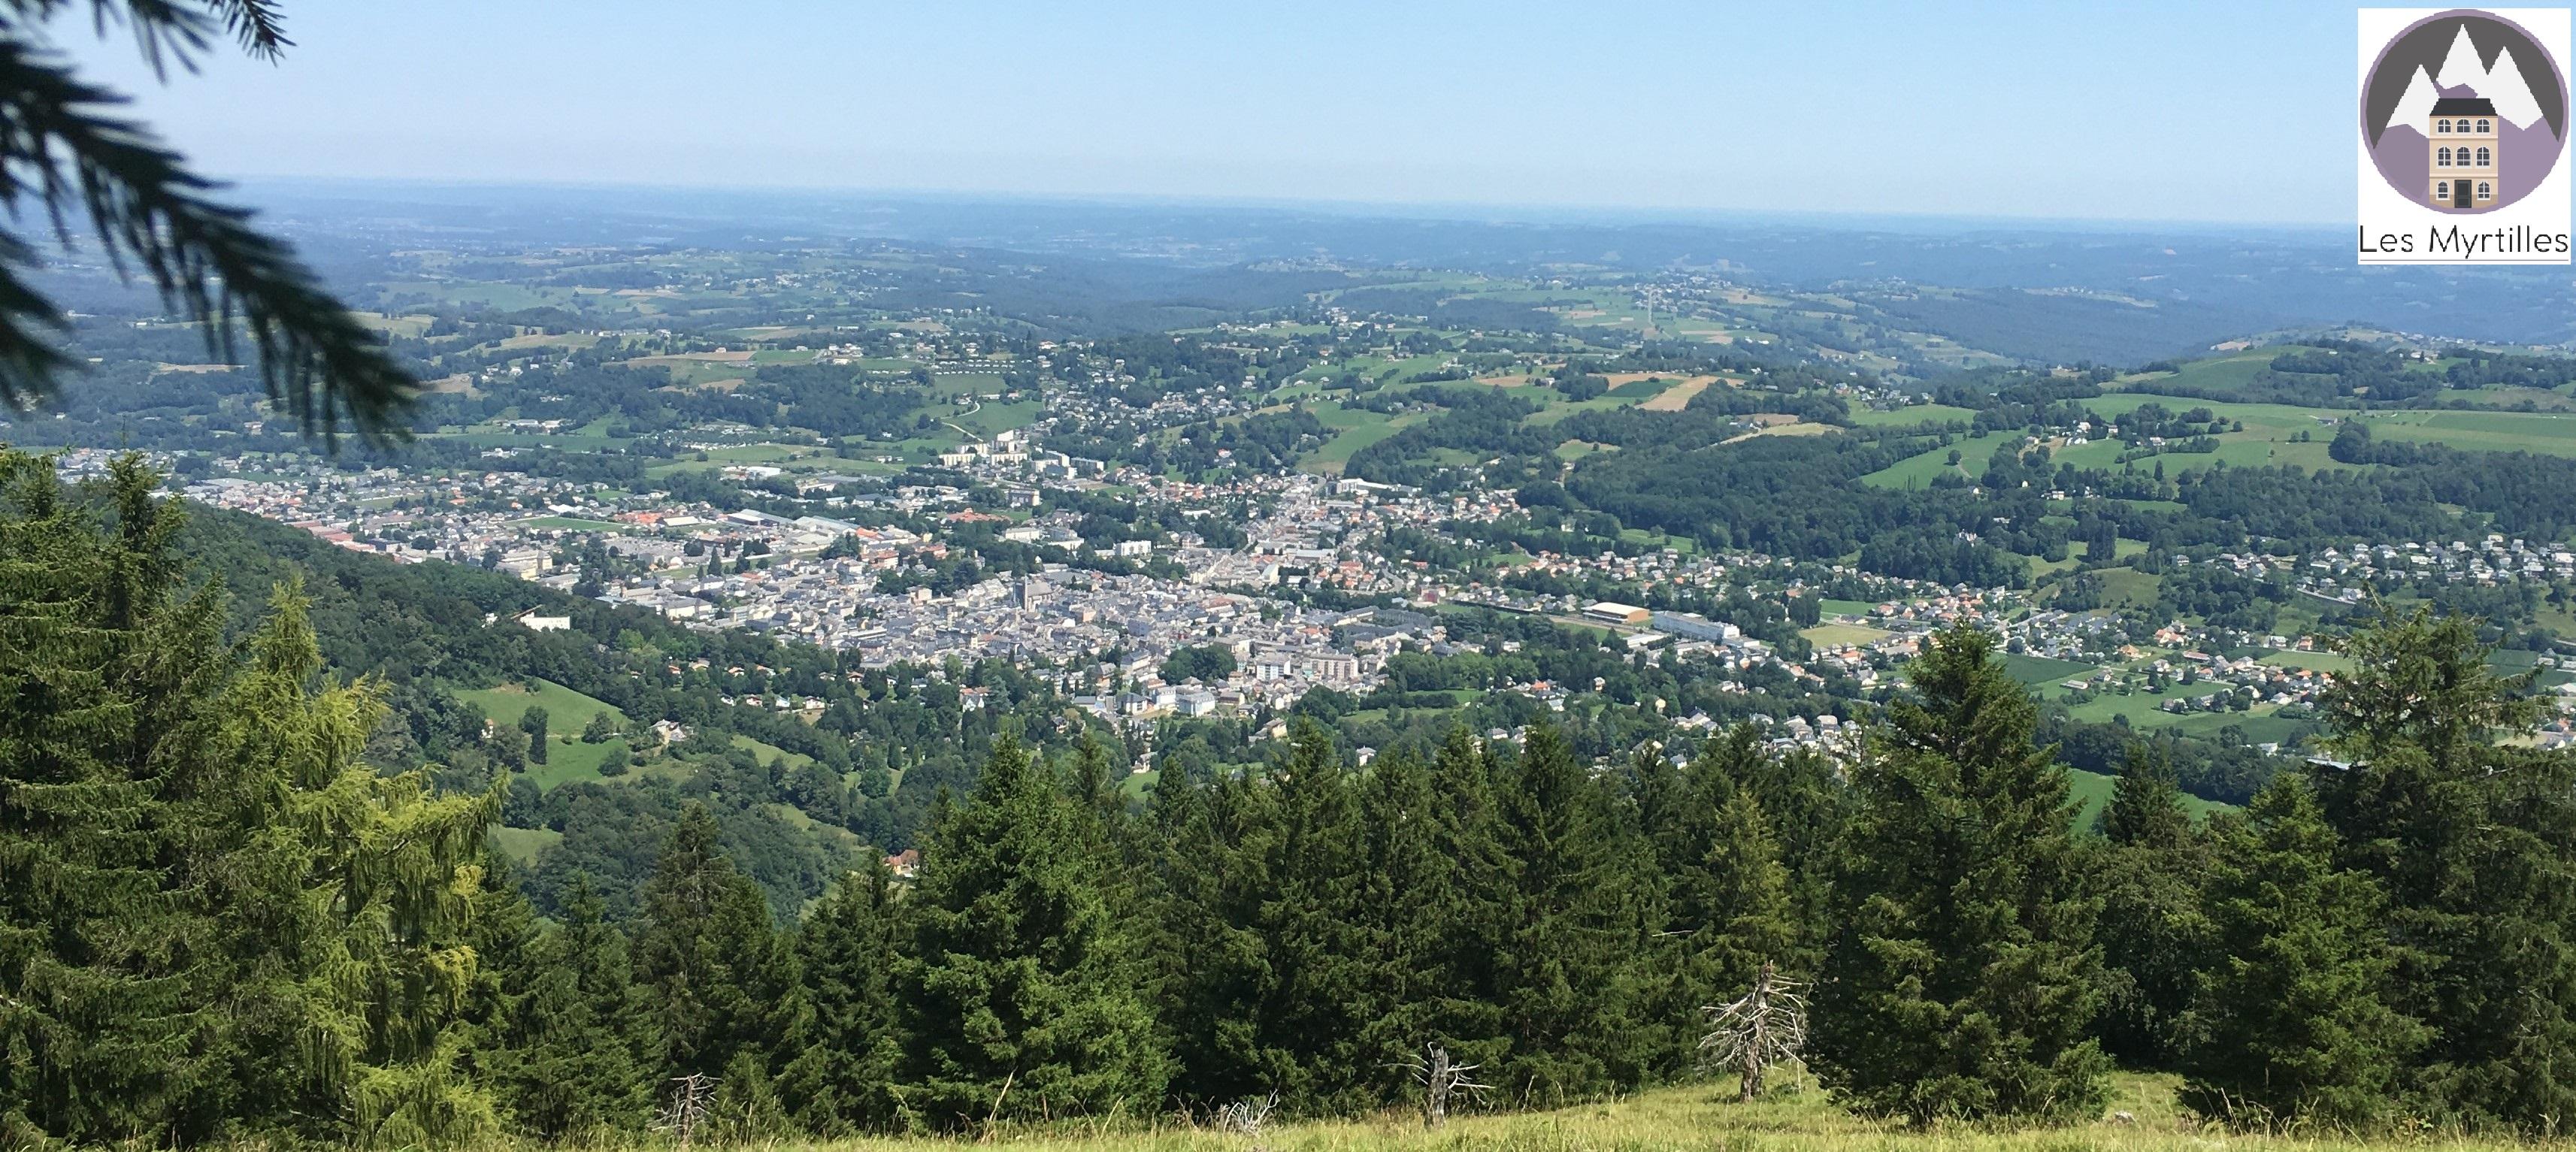 Dans les Hautes Pyrénées, locations d'appartements de haute qualité en plein cœur de Bagnères de Bigorre.